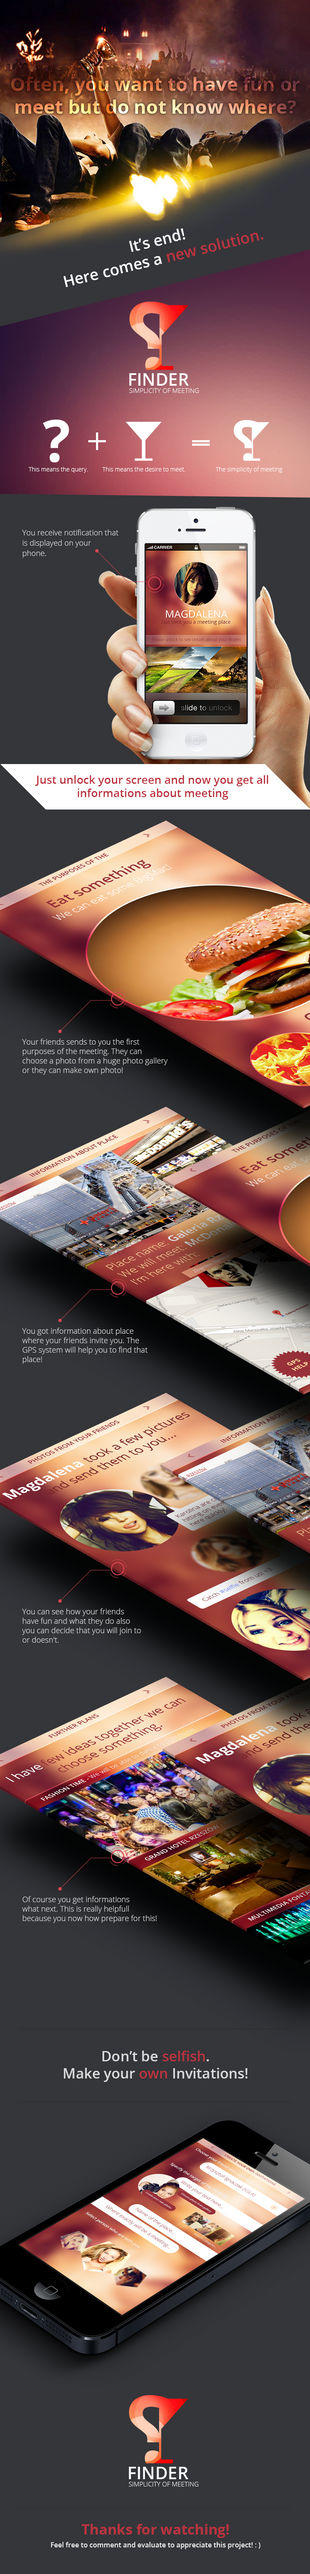 FINDER - Mobile Applications by trkwebdesign